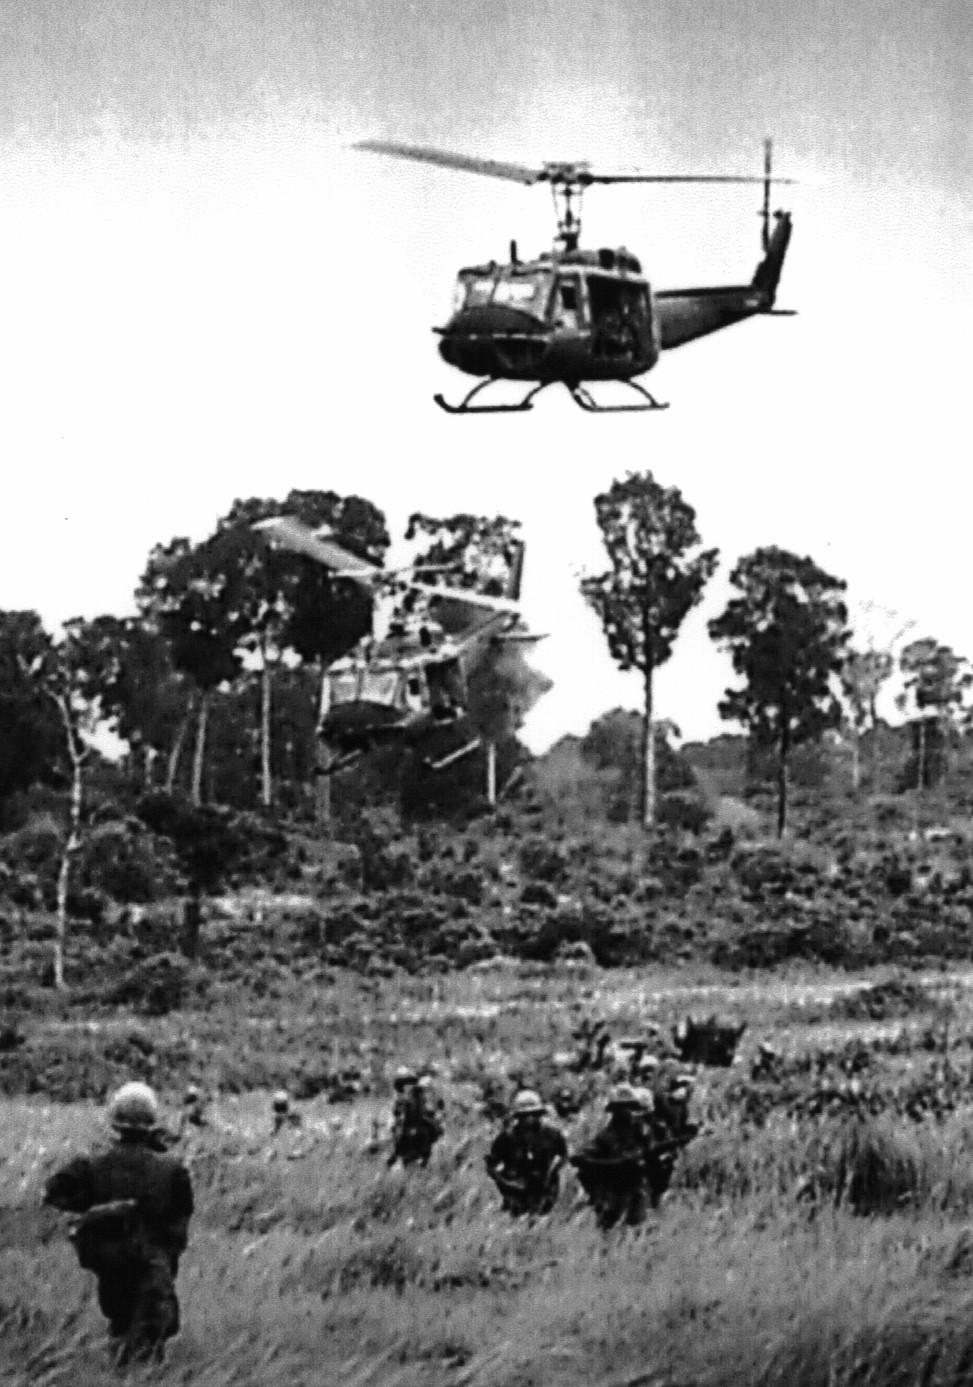 Download Vietnam War Links [973x1387] 50 Combat Wallpaper from 973x1387